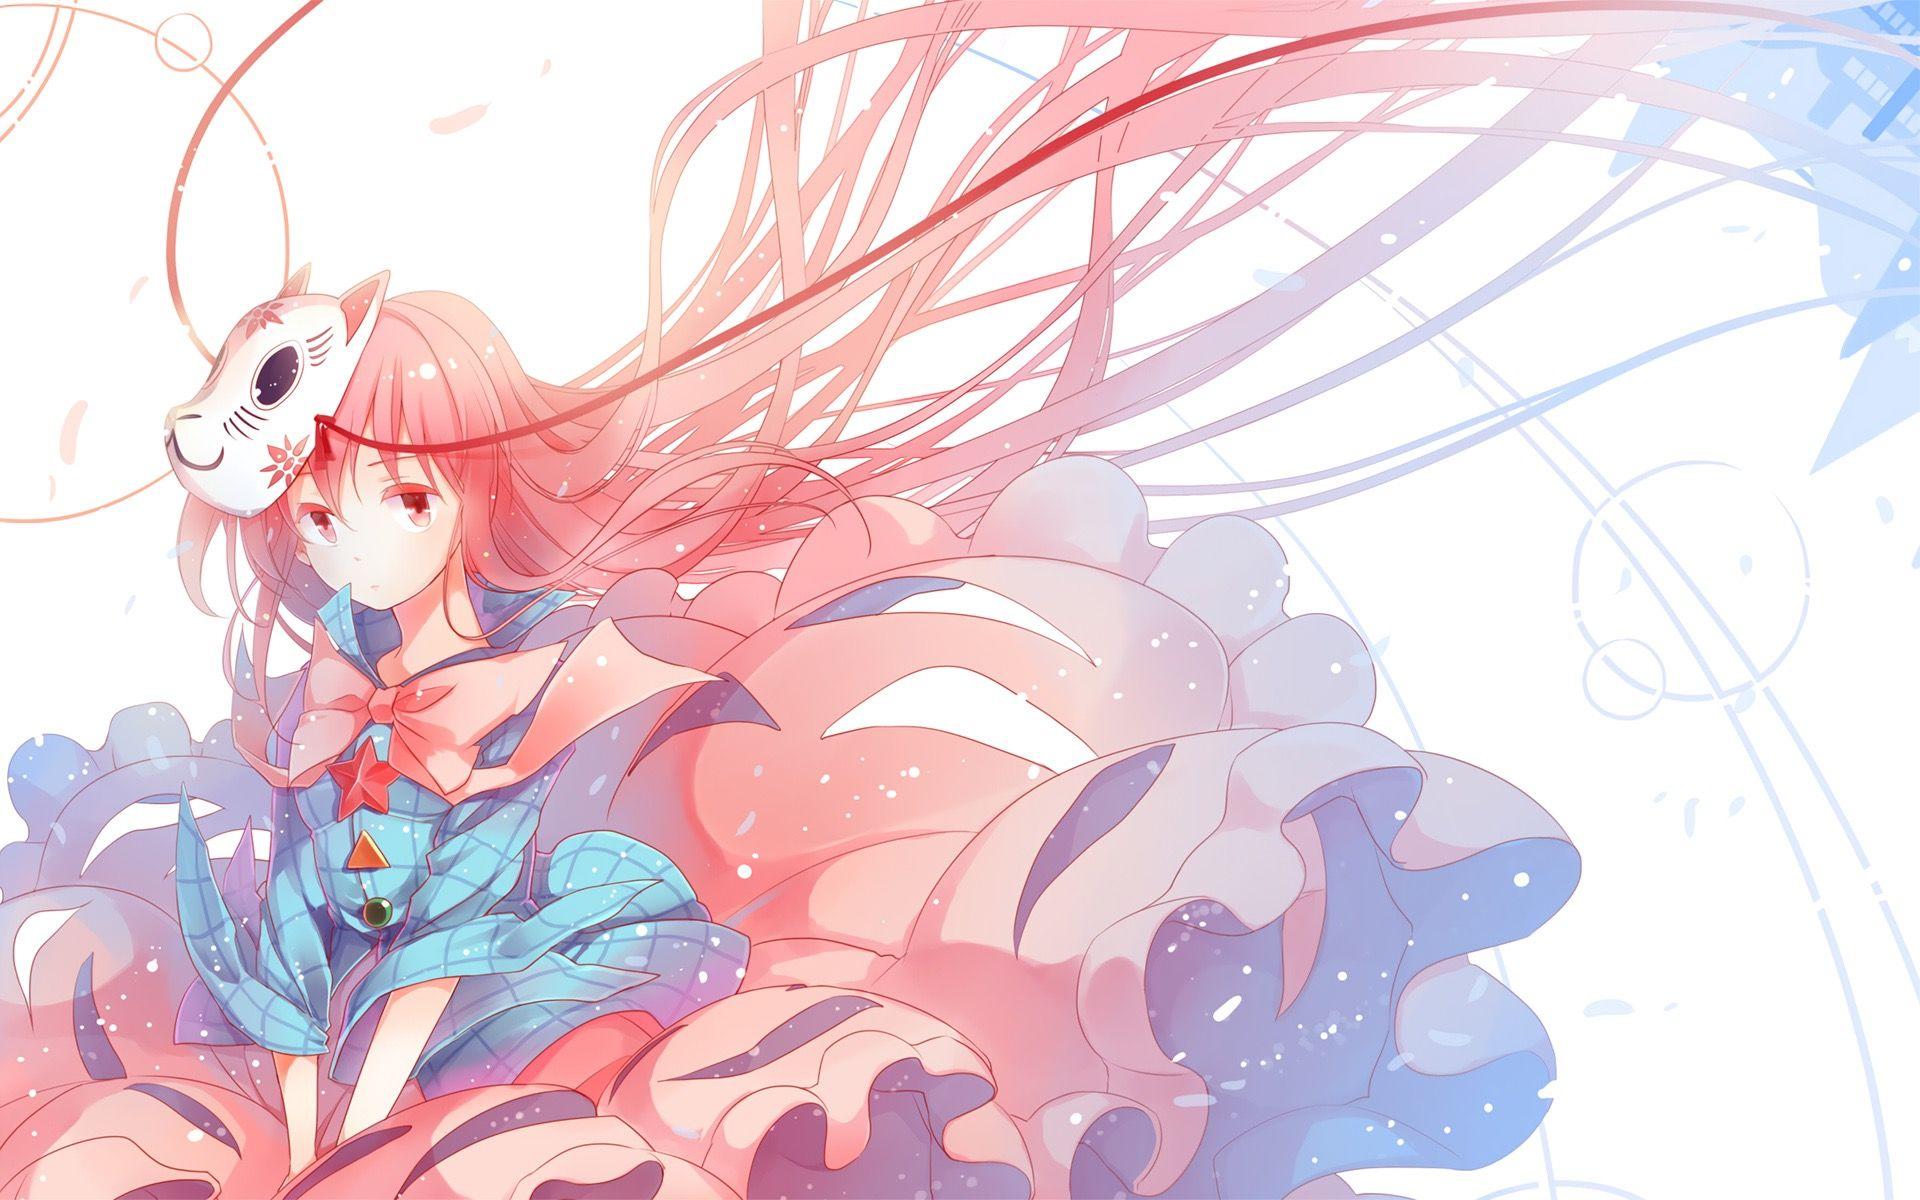 Touhou おしゃれまとめの人気アイデア Pinterest Elsa Sanchez アニメの女の子 日本美術 イラスト